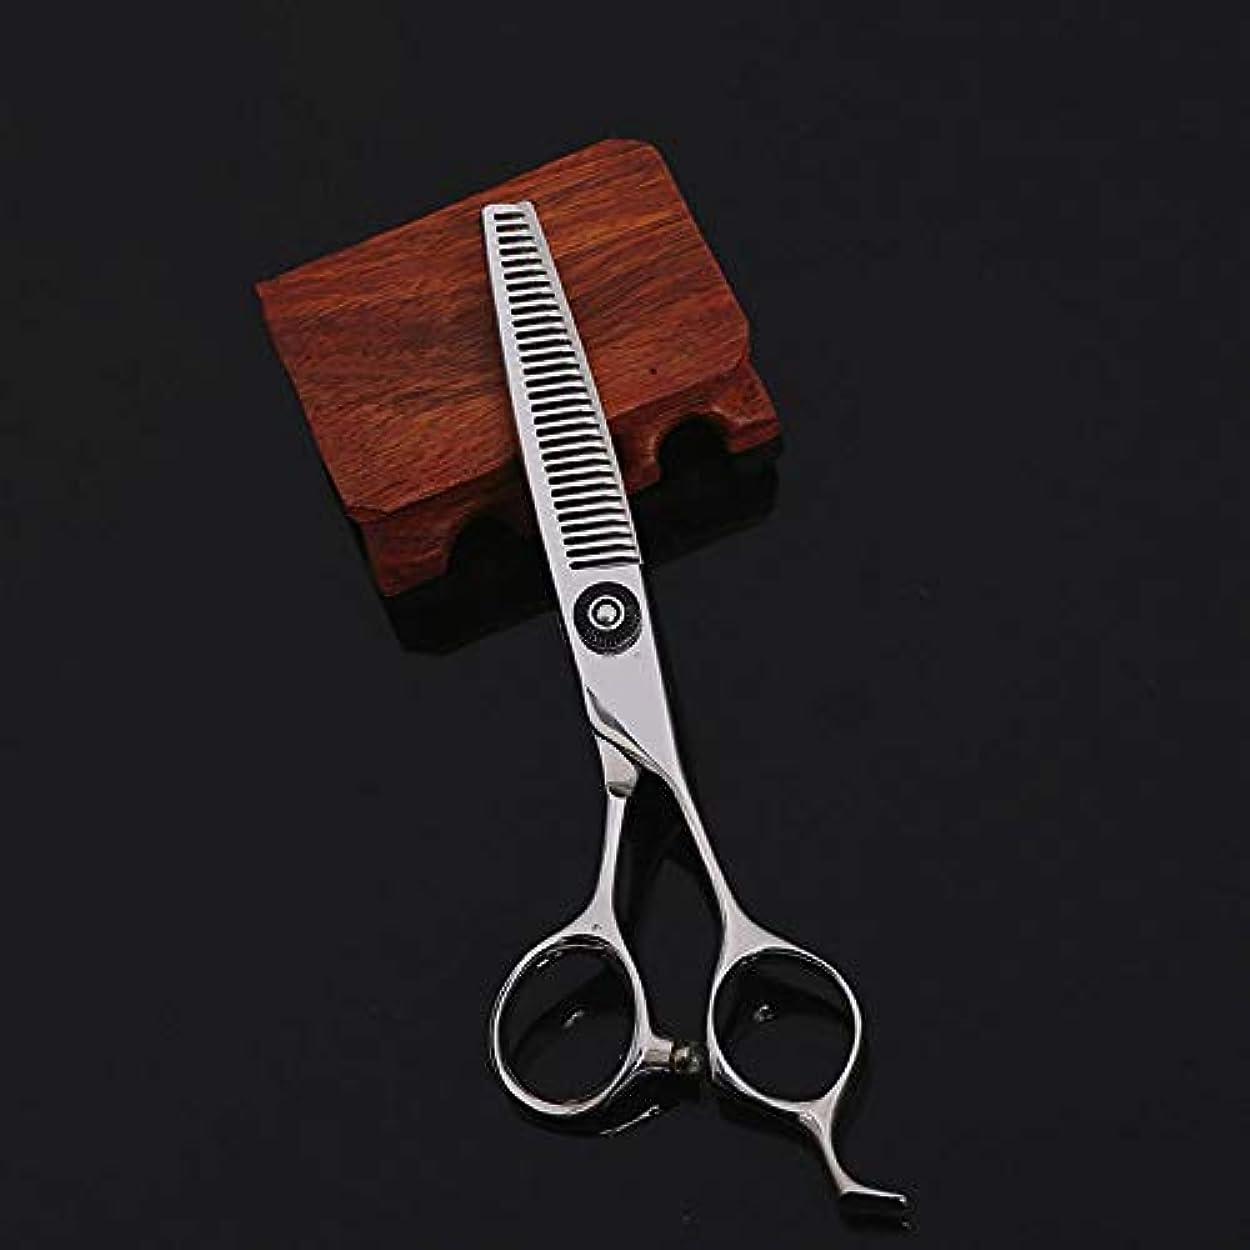 給料モンク浪費6インチの美容院プロフェッショナルなヘアカット間伐ヘアカットはさみ ヘアケア (色 : Silver)